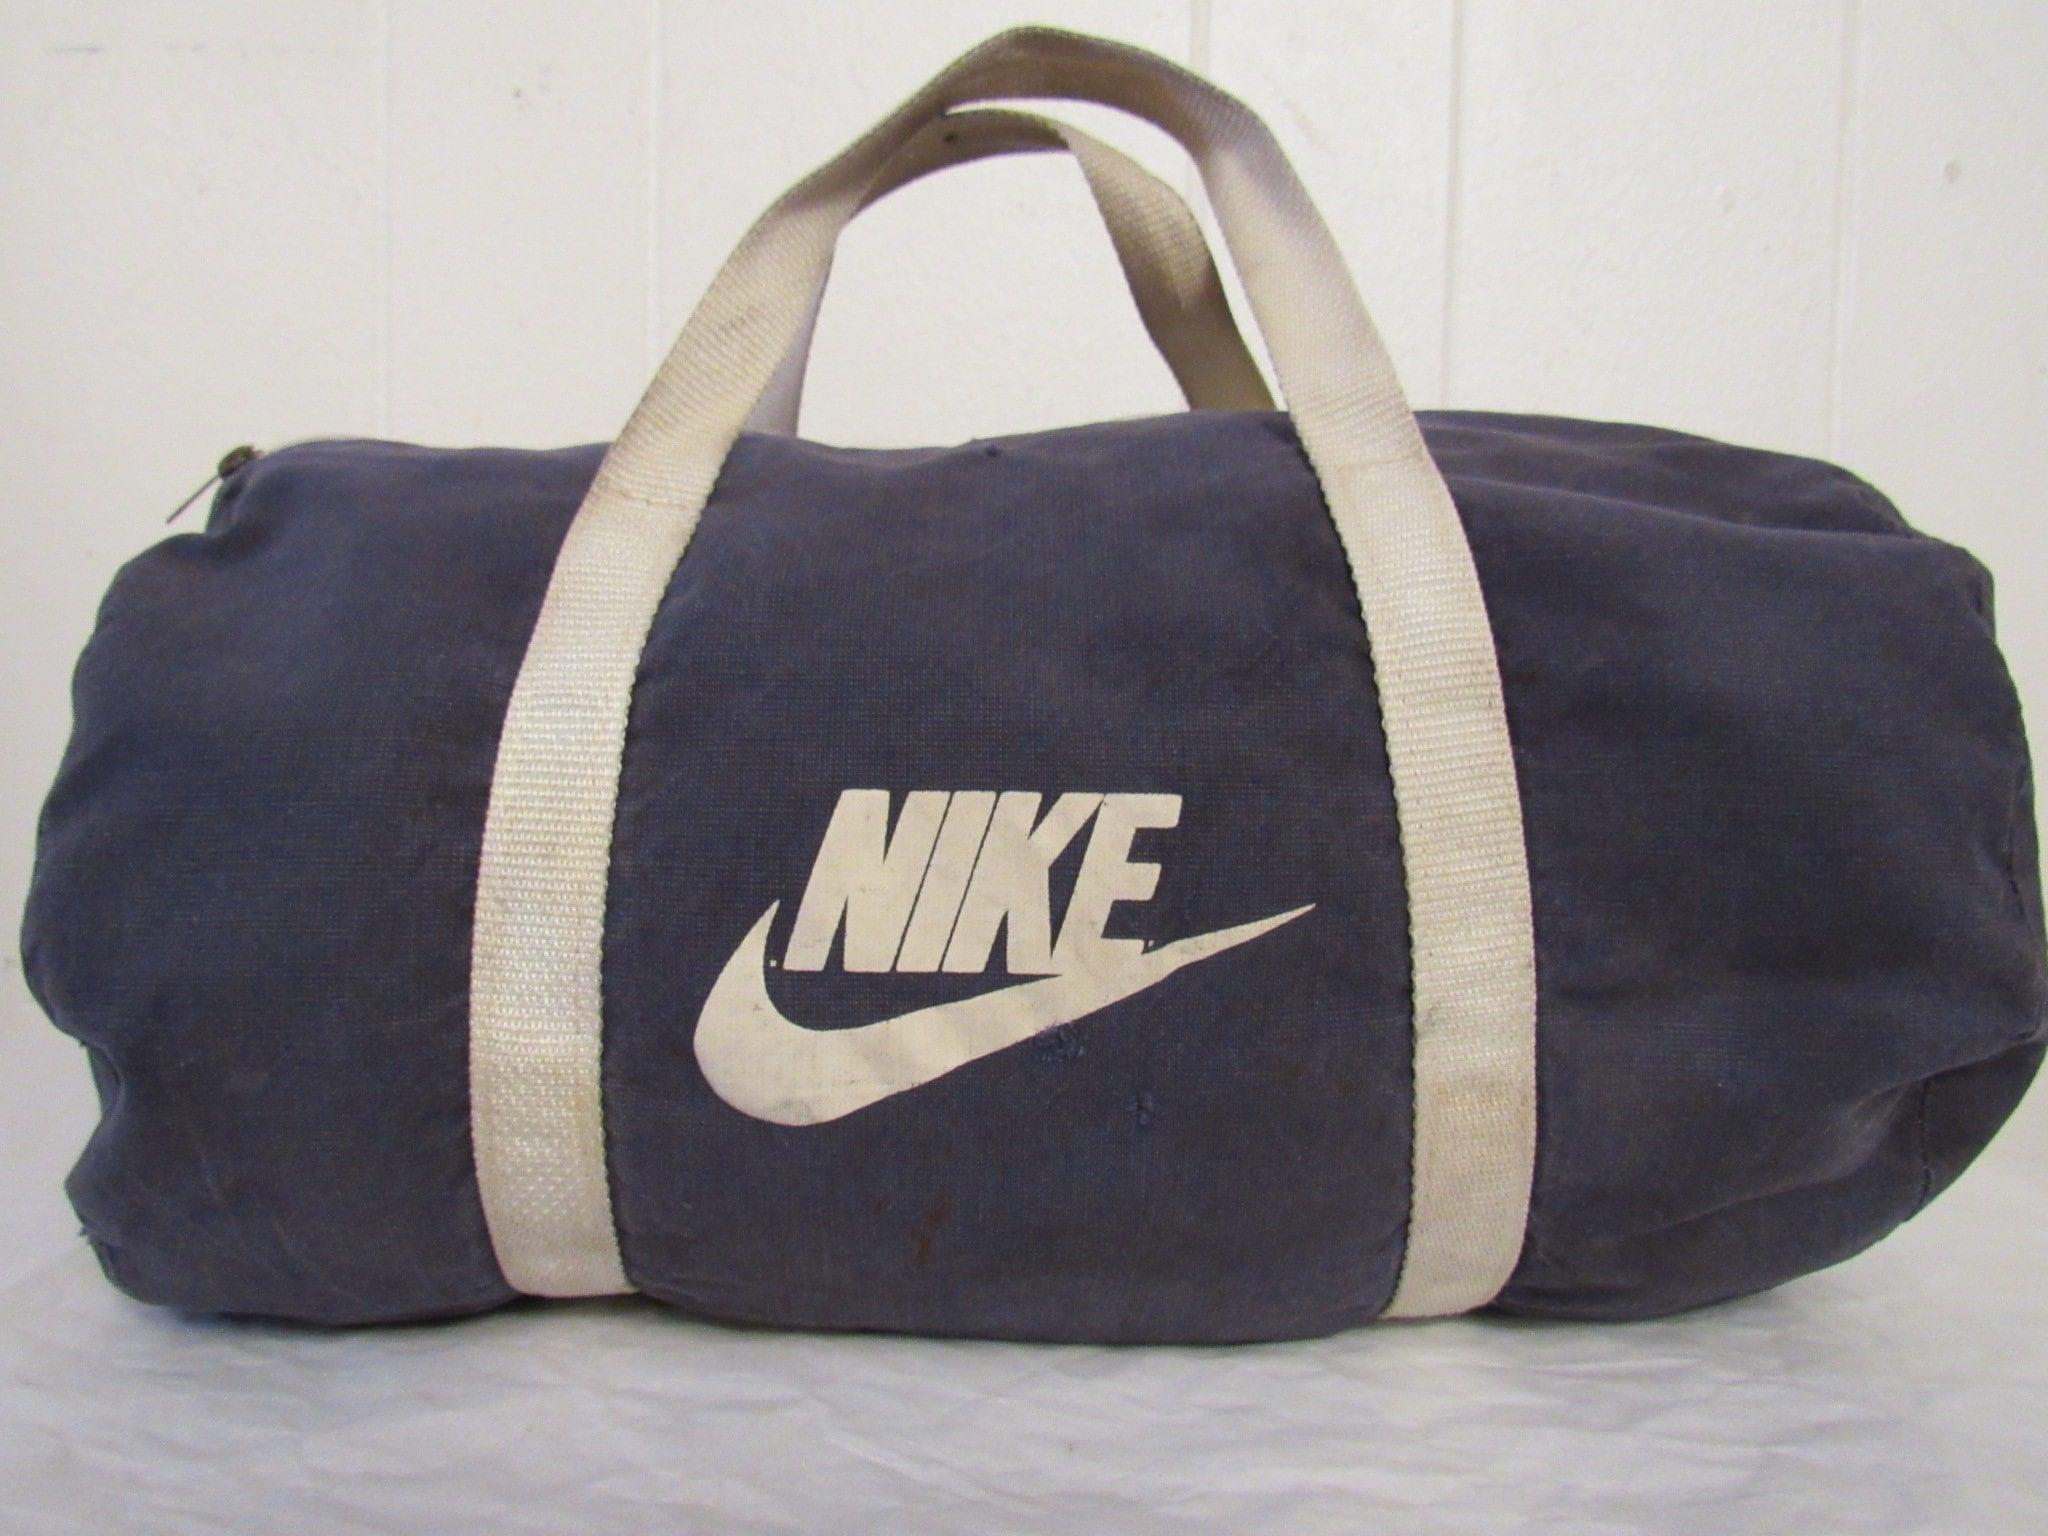 Vintage Duffel Bag Nike Bag 1980s Nike Nike Gym Bag Nike Duffel Bag Vintage Luggage